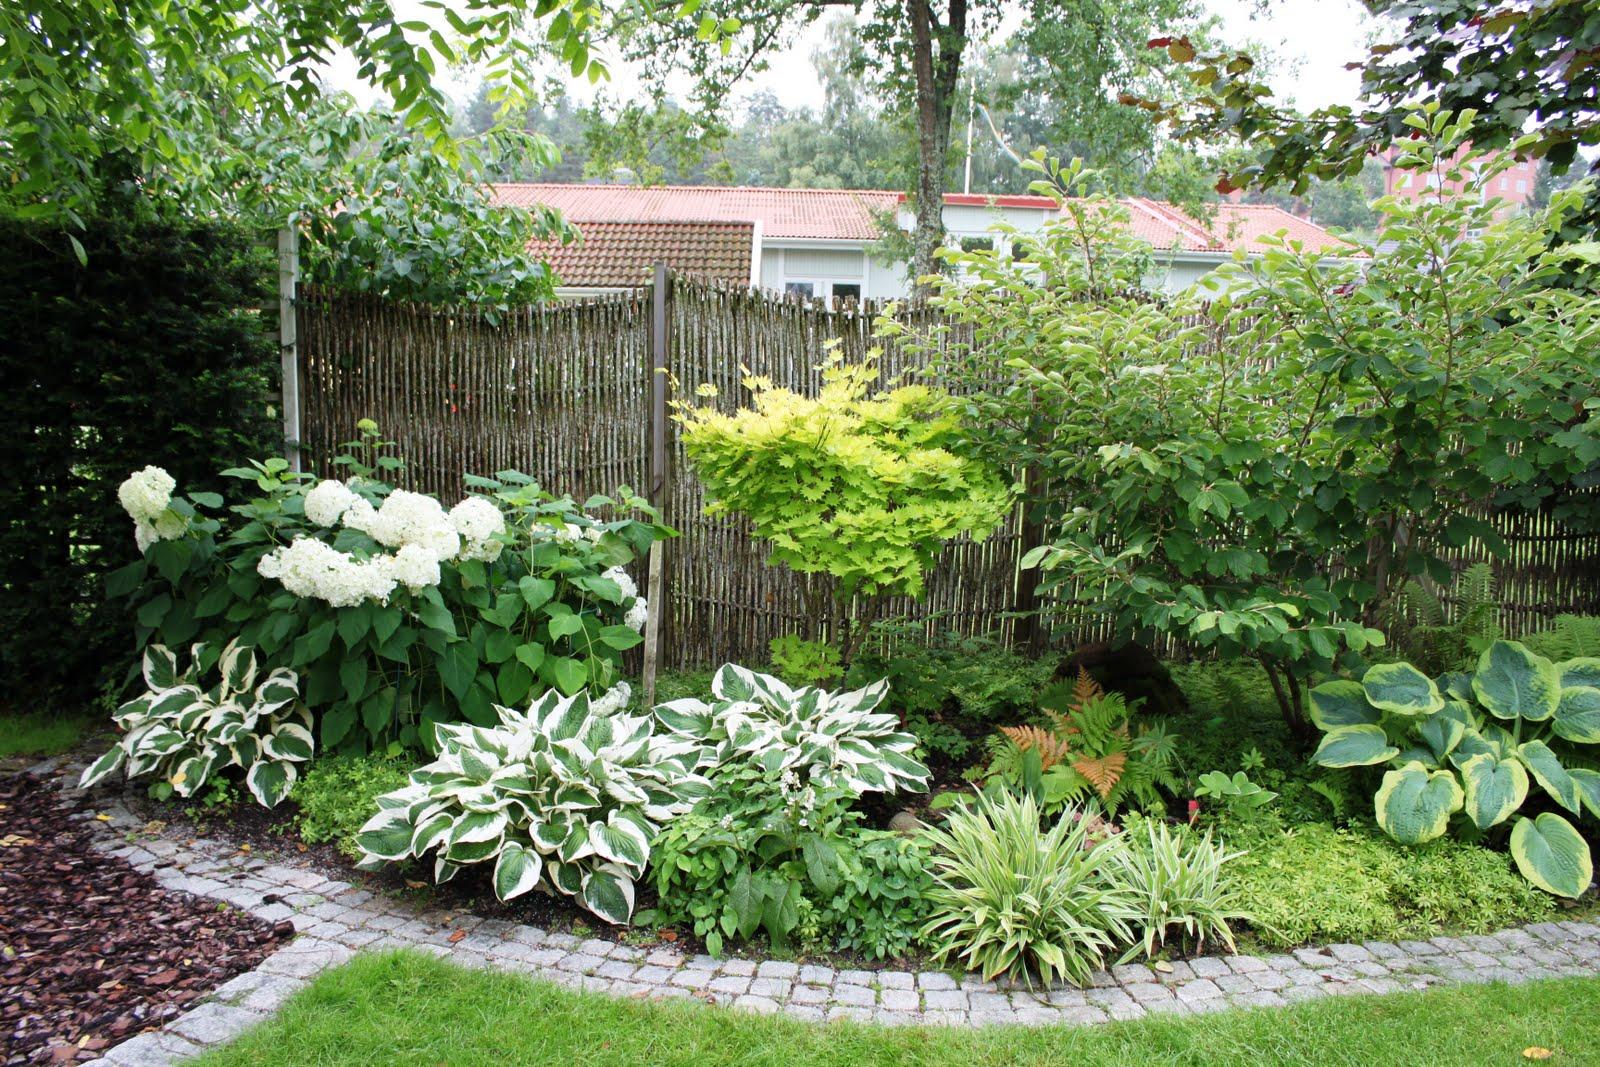 Mina trädgårdar: Trädgårdsbesök del 3